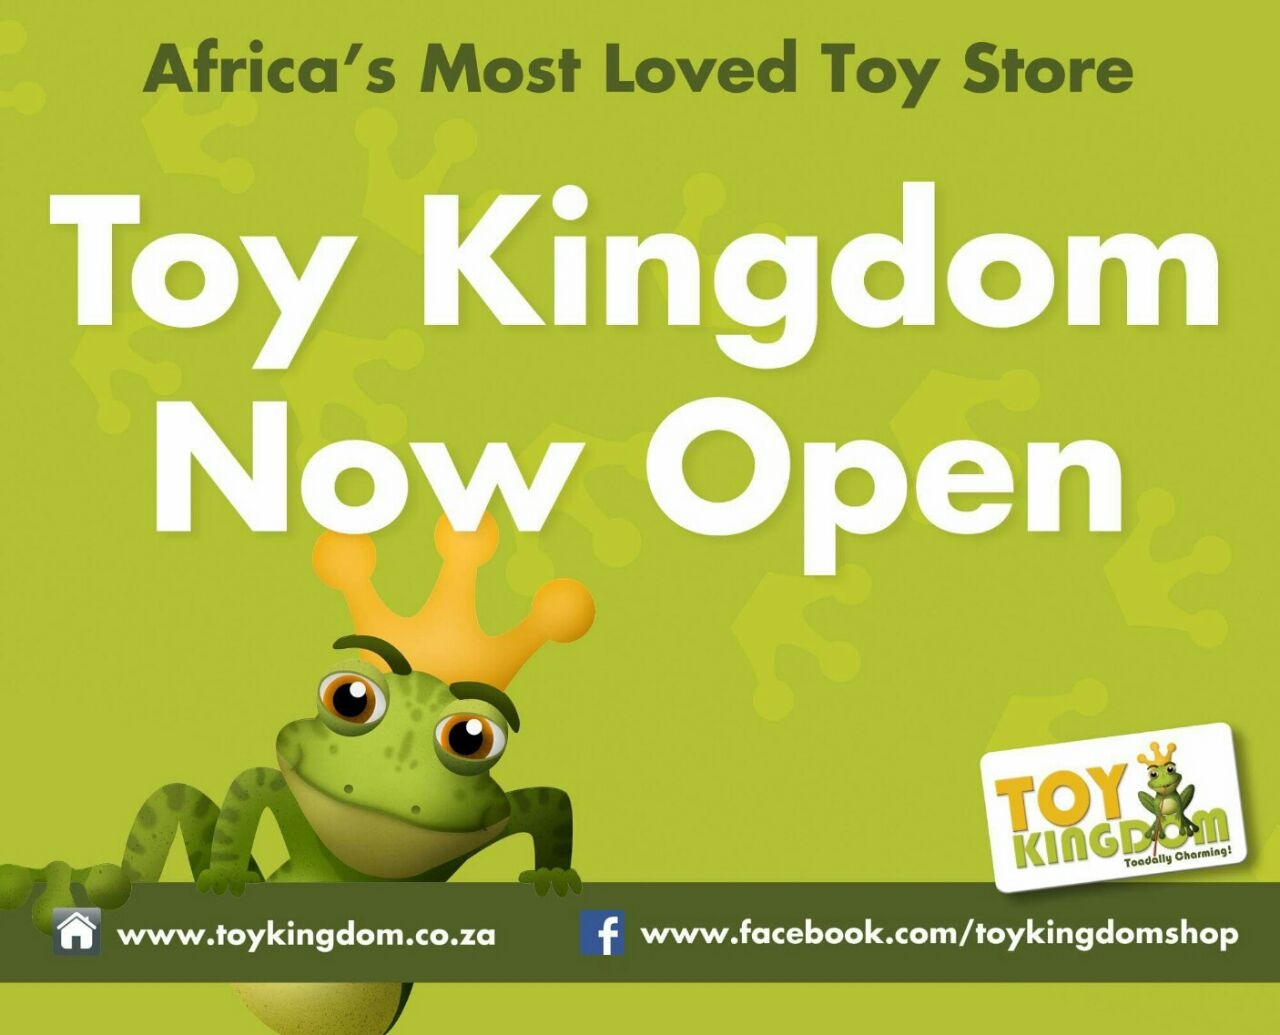 Toy Kingdom